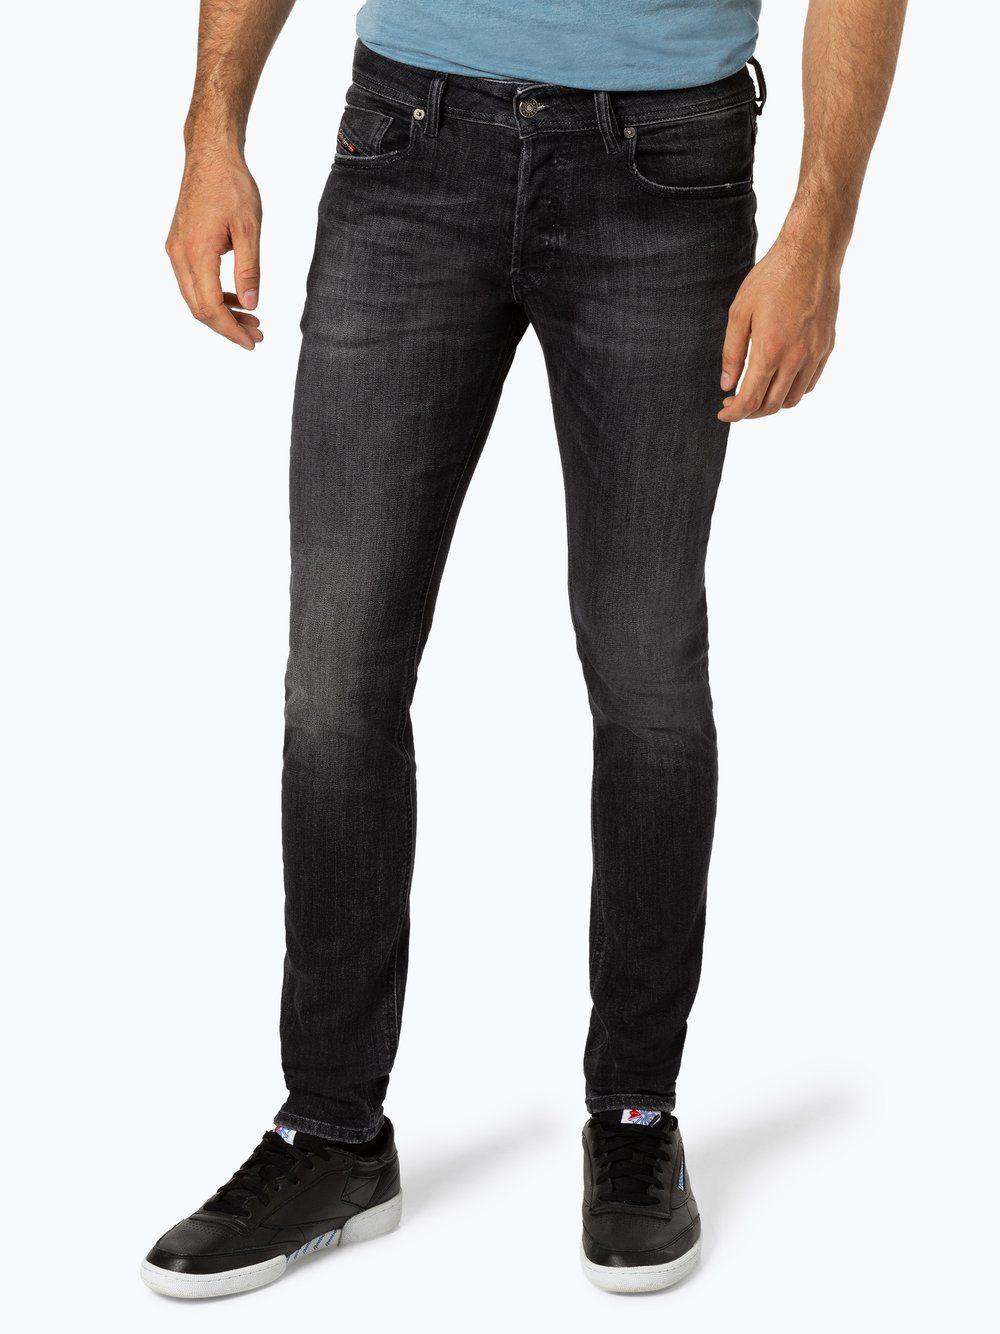 Herren Jeans - Sleenker-X   Herren jeans, Diesel jeans, Jeans